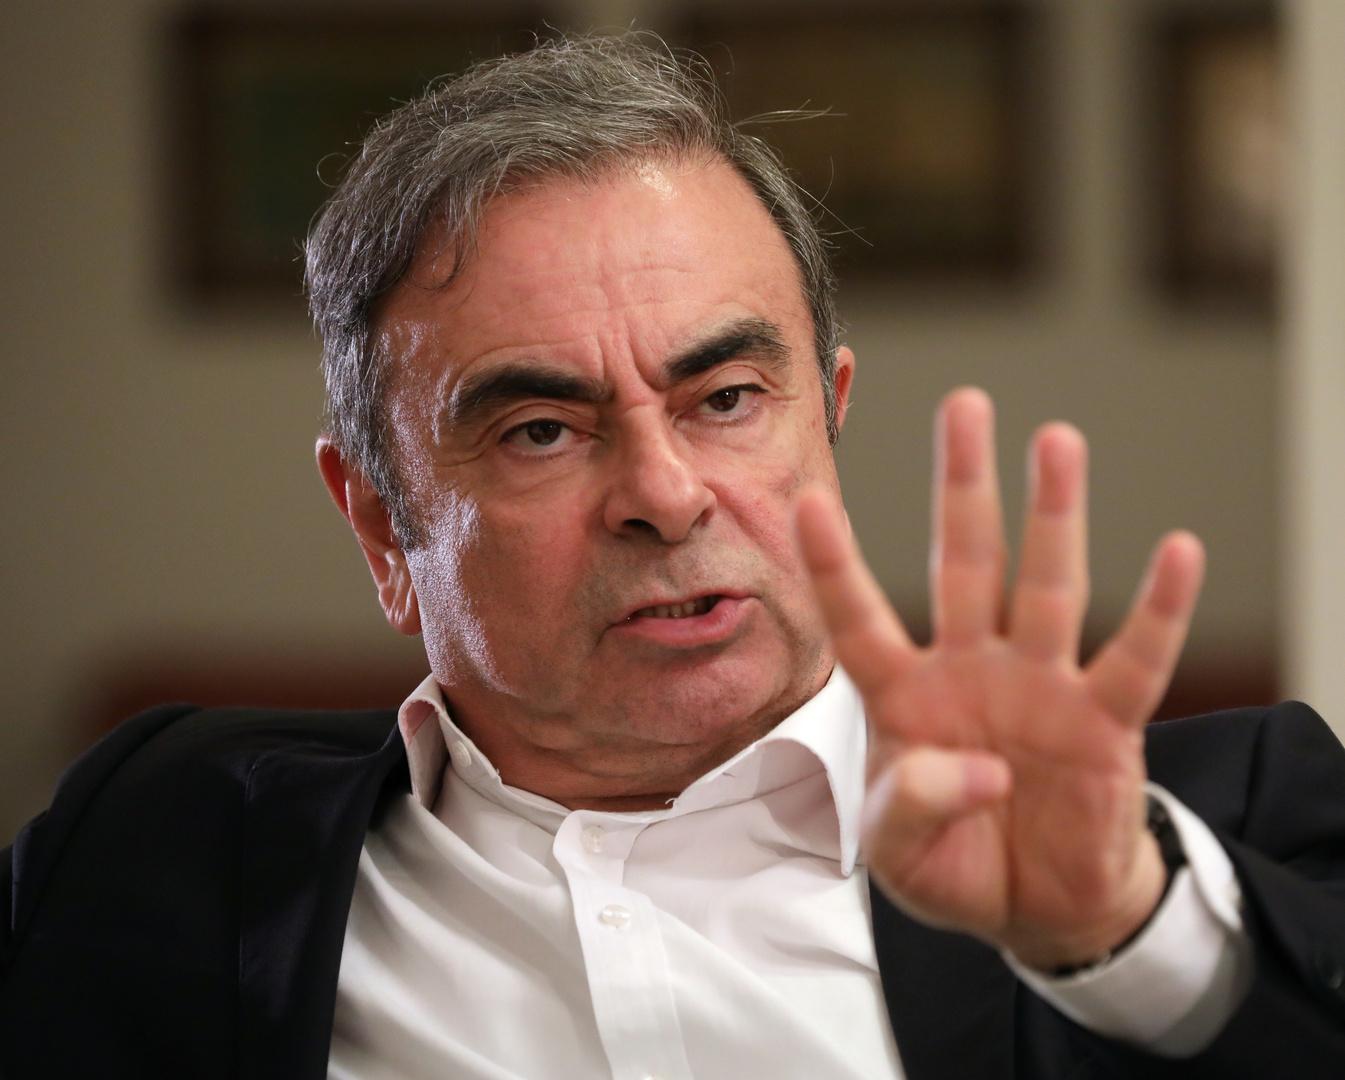 وفد قضائي فرنسي يرجئ زيارة إلى بيروت لاستجواب غصن